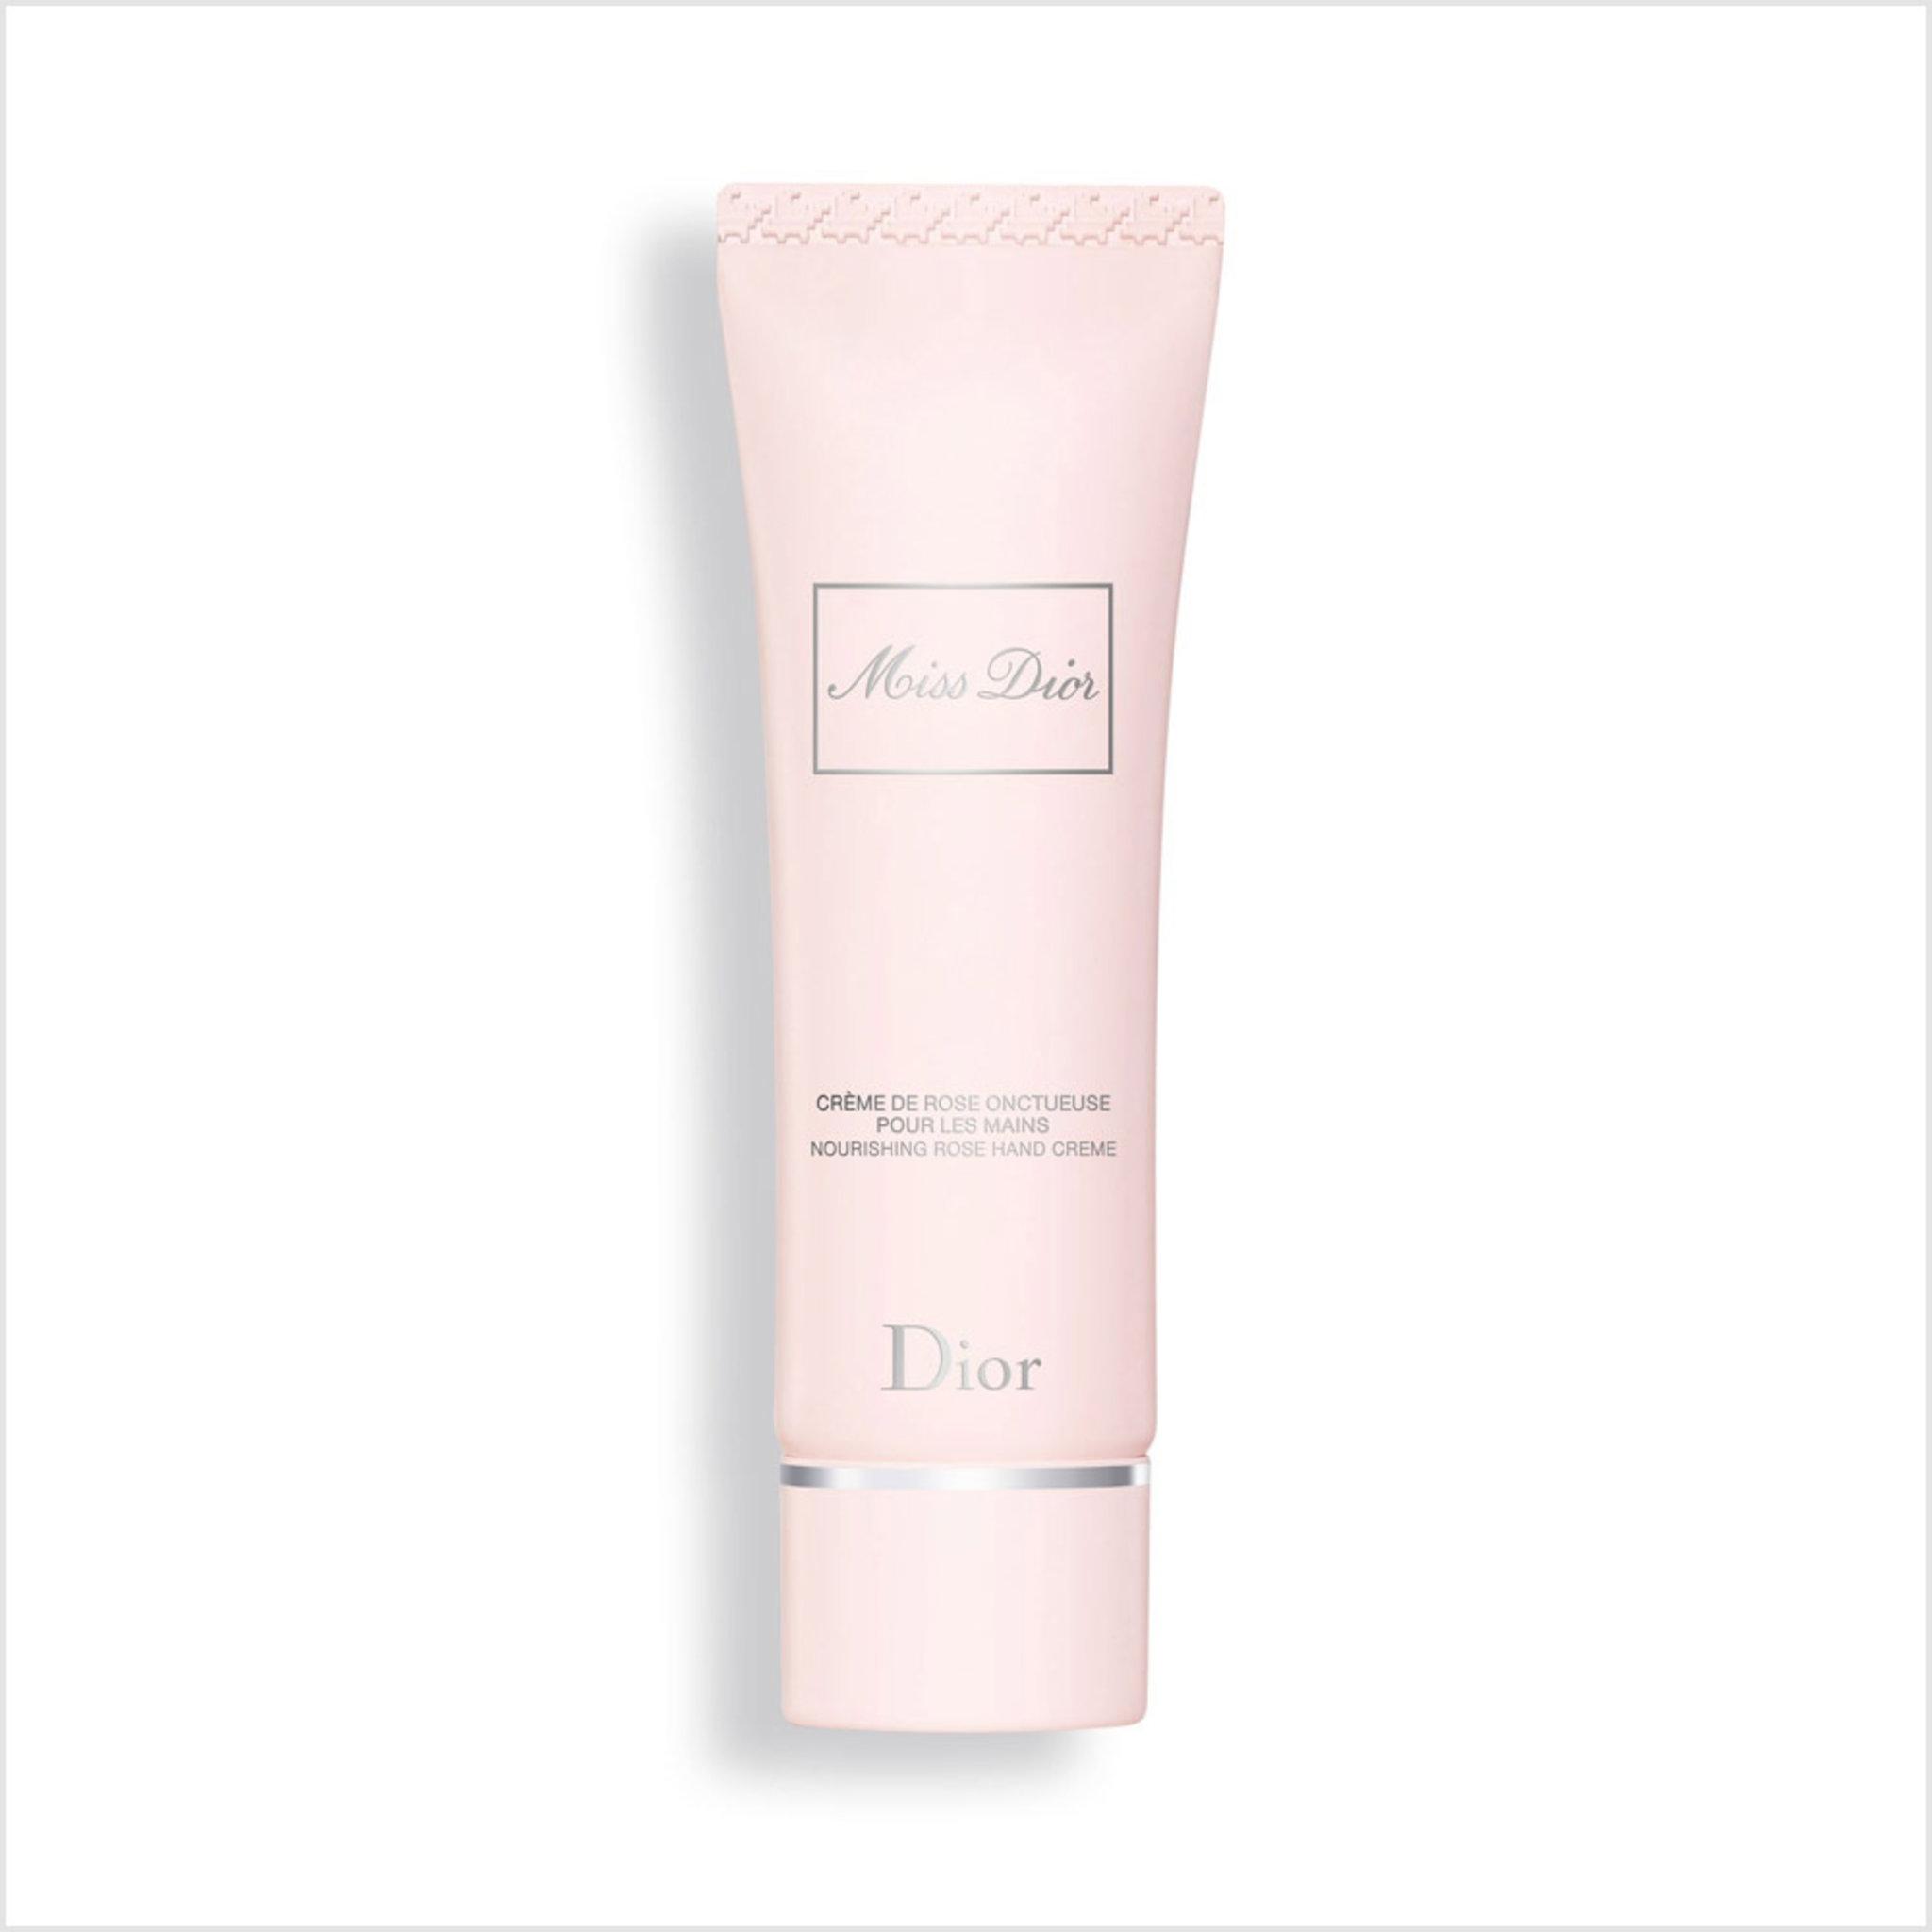 Miss Dior Hand Cream, 50 ML